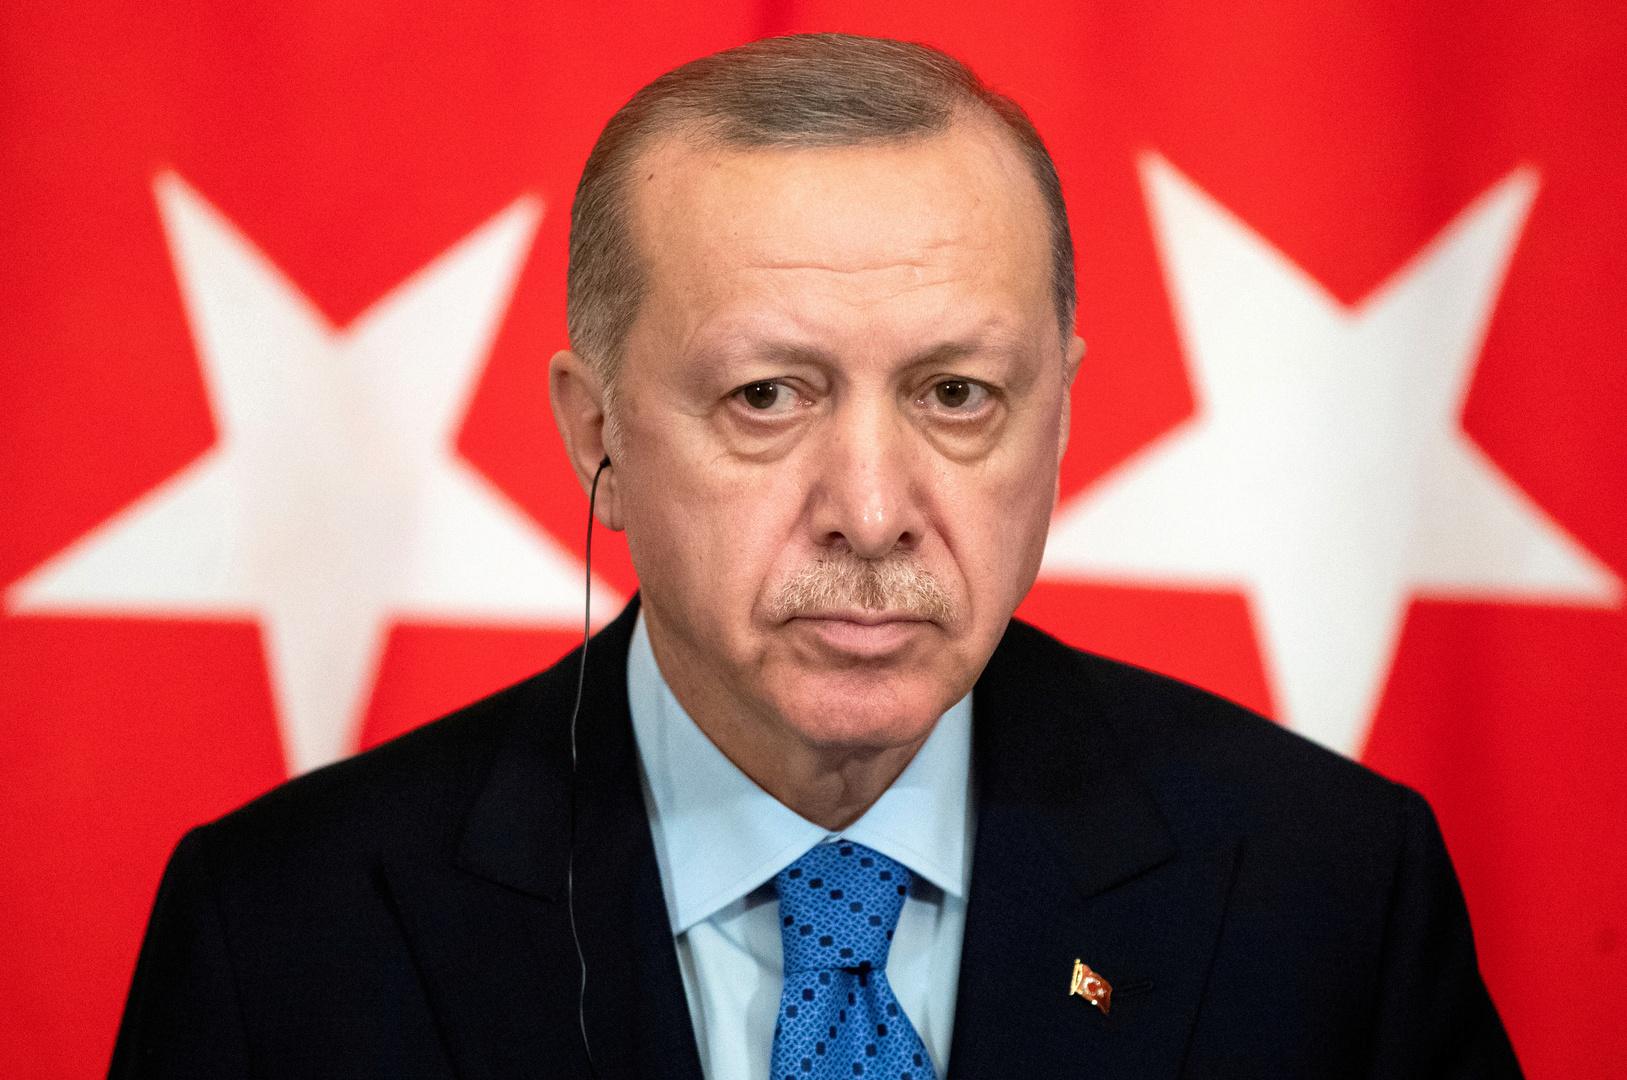 قالن: تركيا تعمل للحفاظ على التوازن بين الأمن والديمقراطية